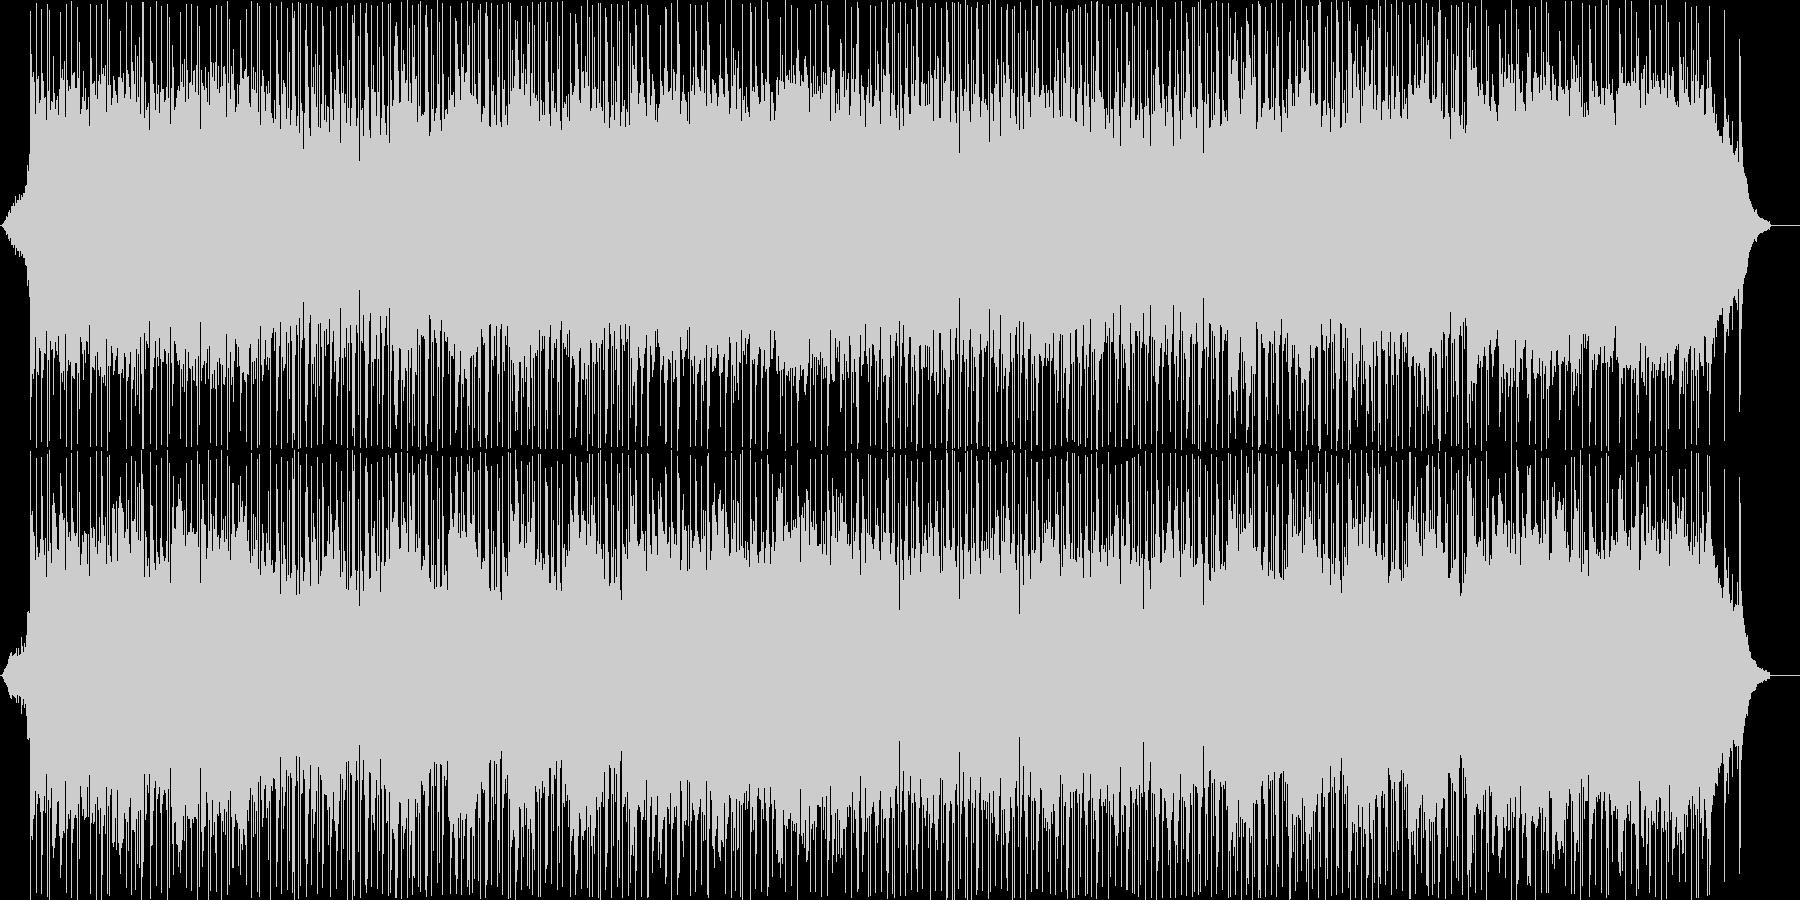 メタル風ギターサウンドと和楽器の曲の未再生の波形